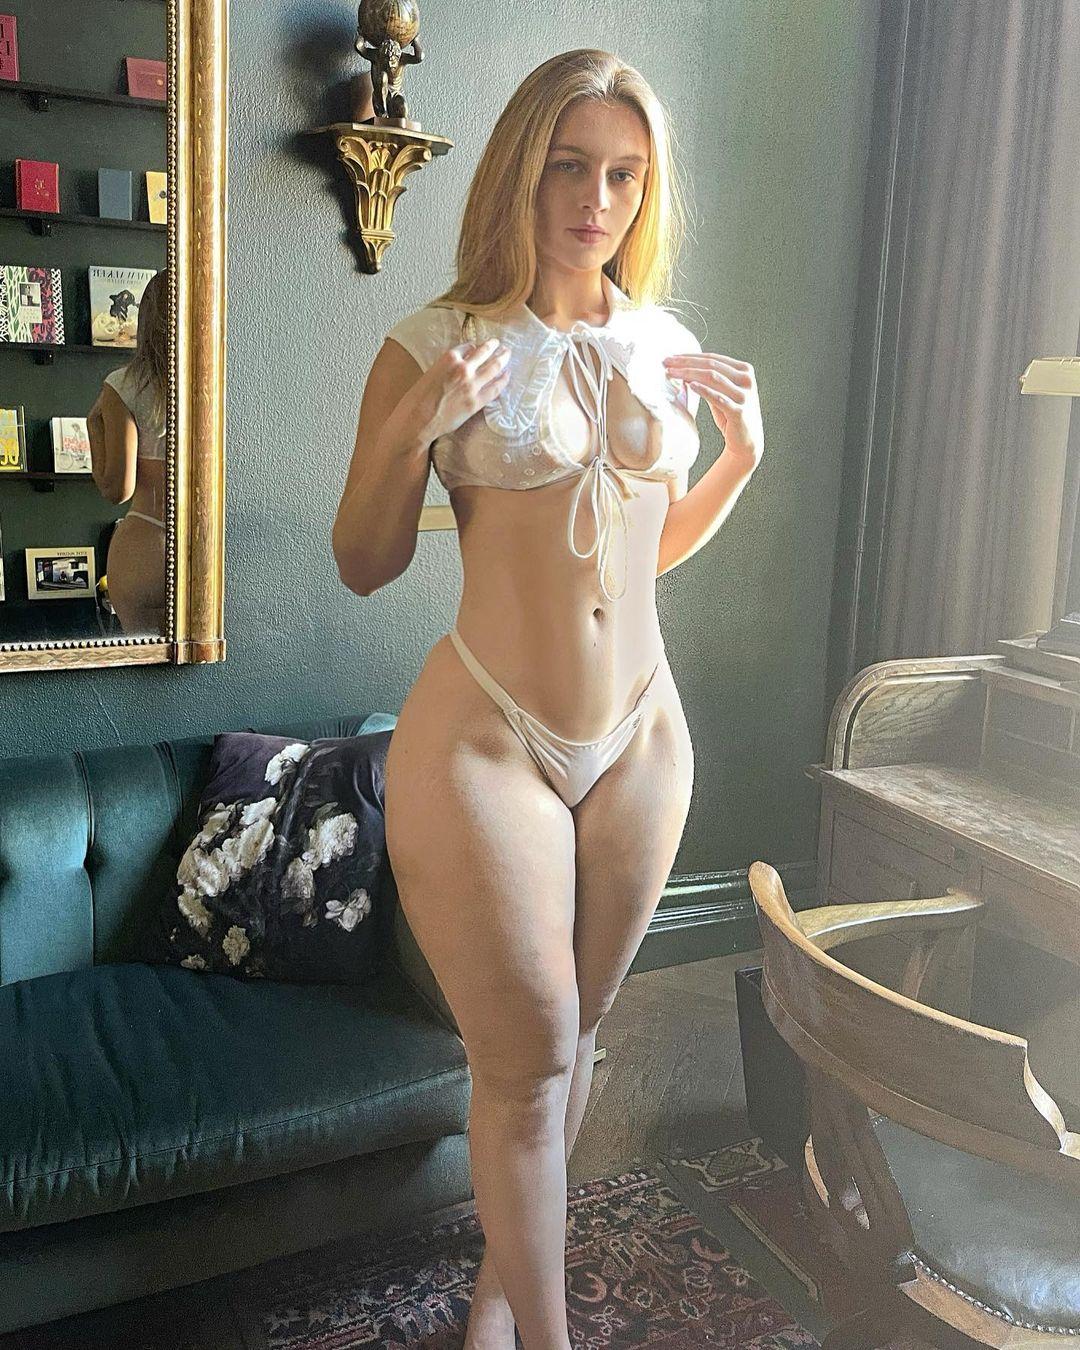 ベラ・ダイクマン「オランダのナンバーワン美尻!」クラシックな室内で白の下着を…【画像3枚】の画像003